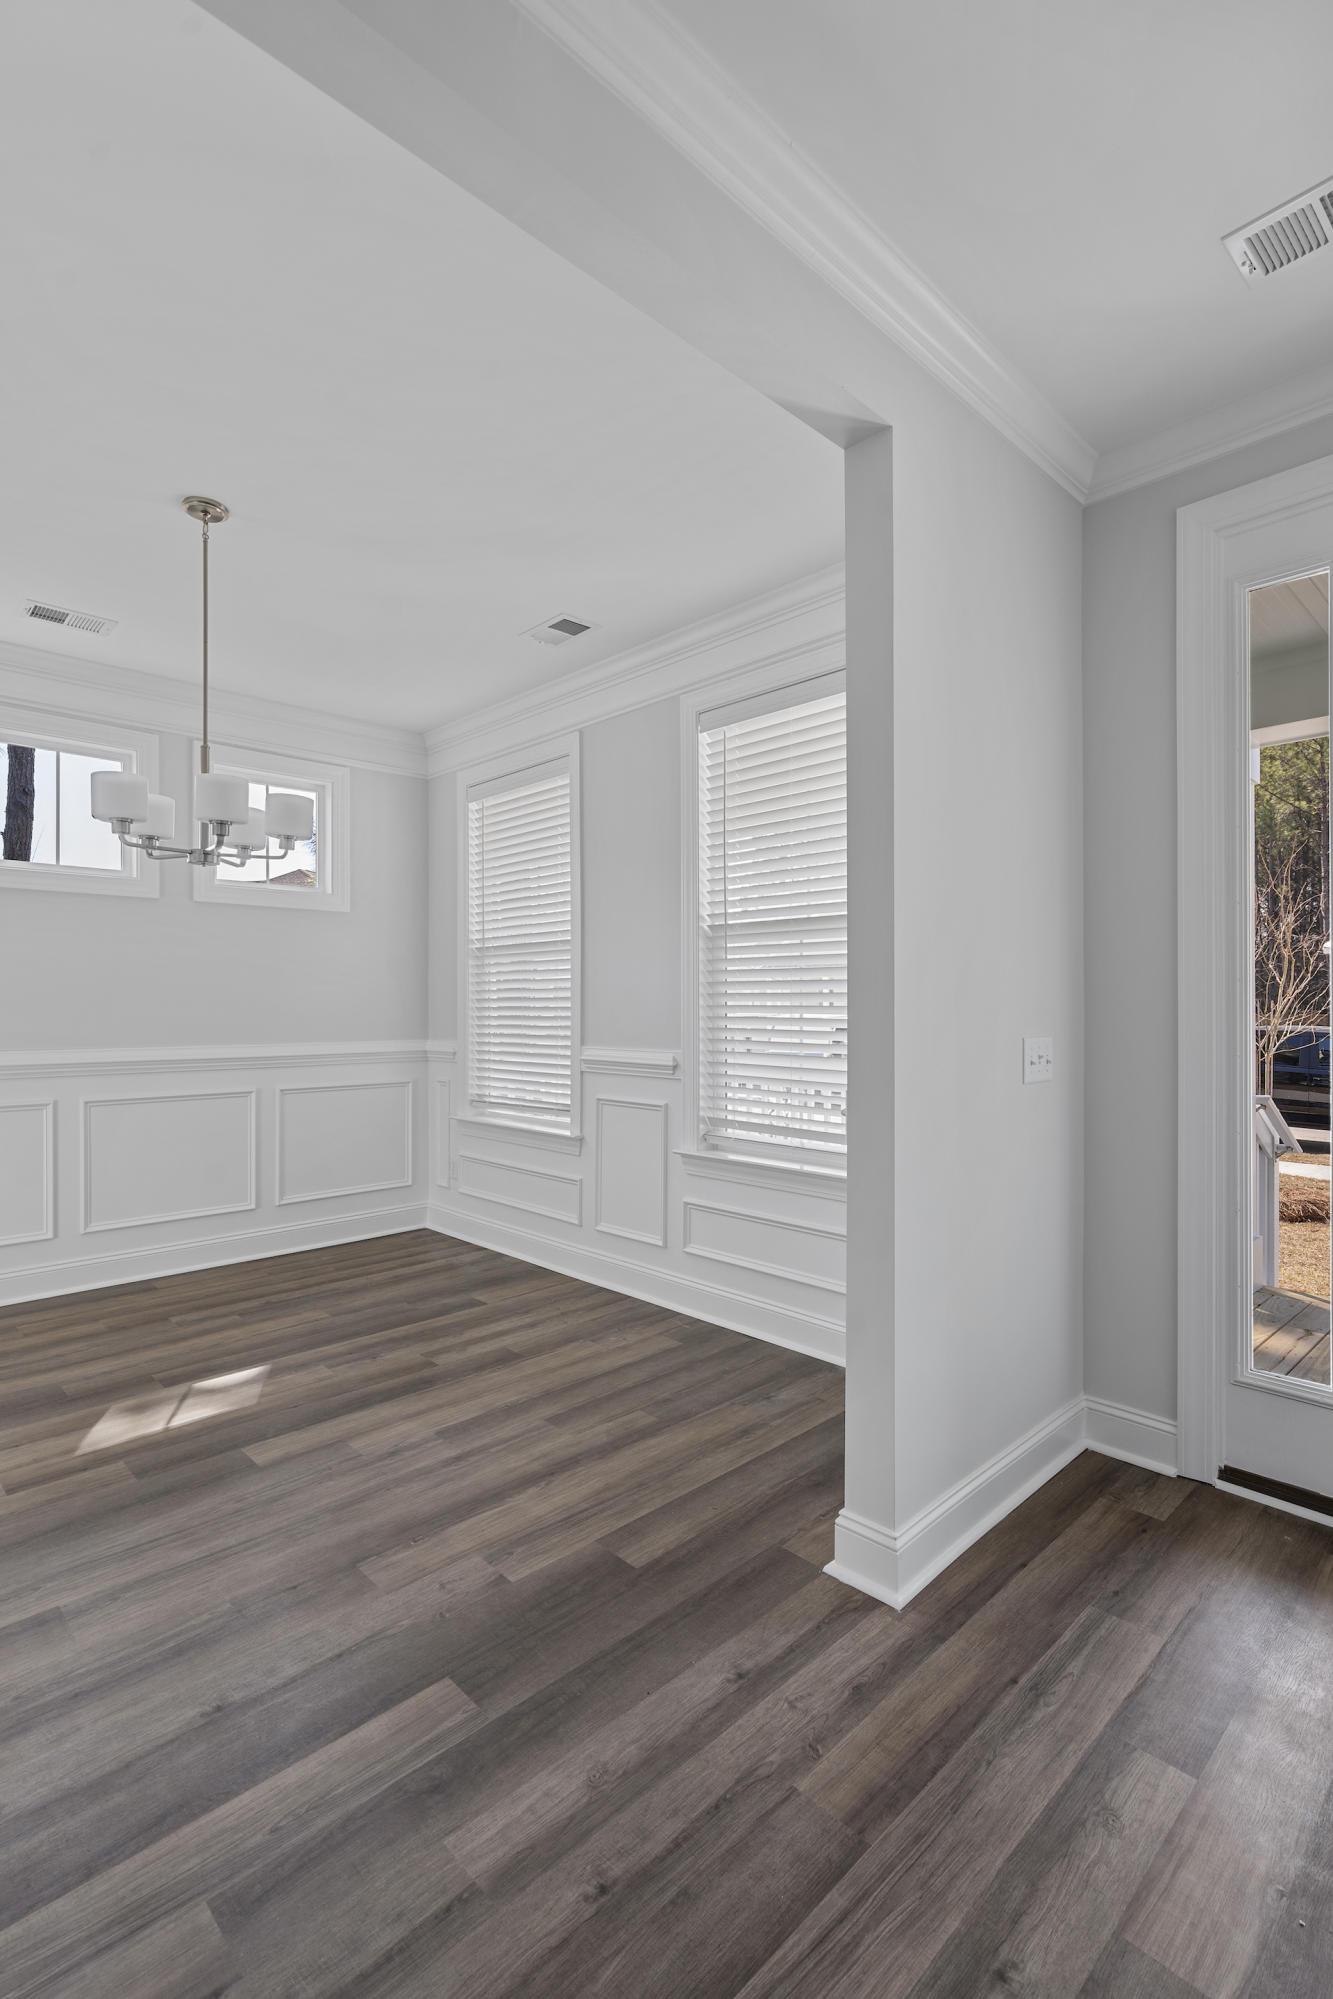 Park West Homes For Sale - 1504 Hopkins, Mount Pleasant, SC - 12